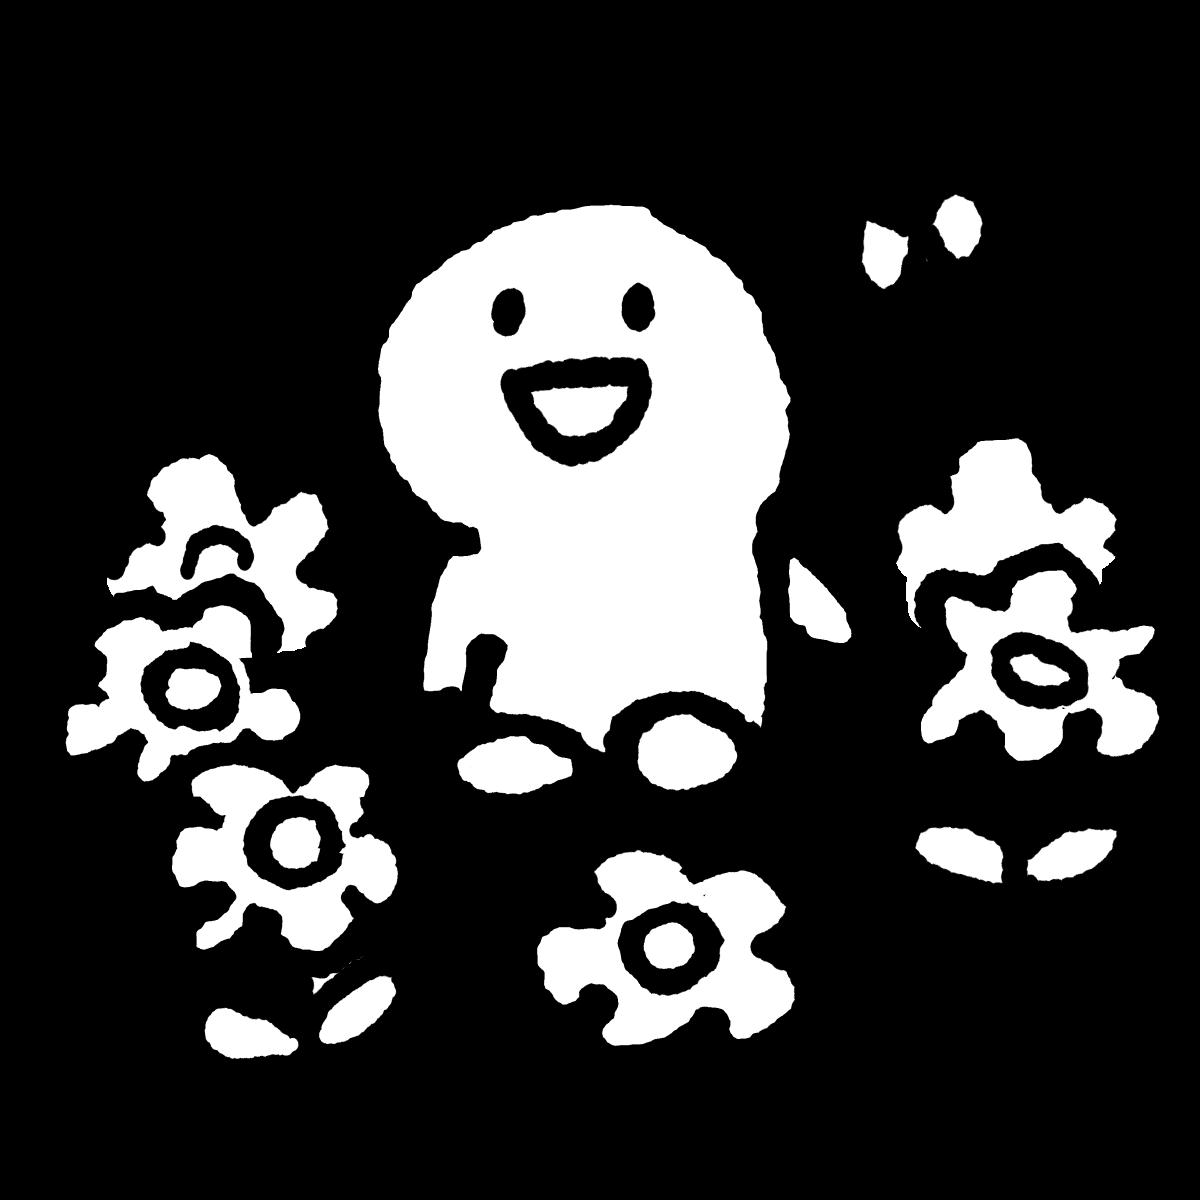 花に囲まれてのイラスト / Surrounded by flowers Illustration